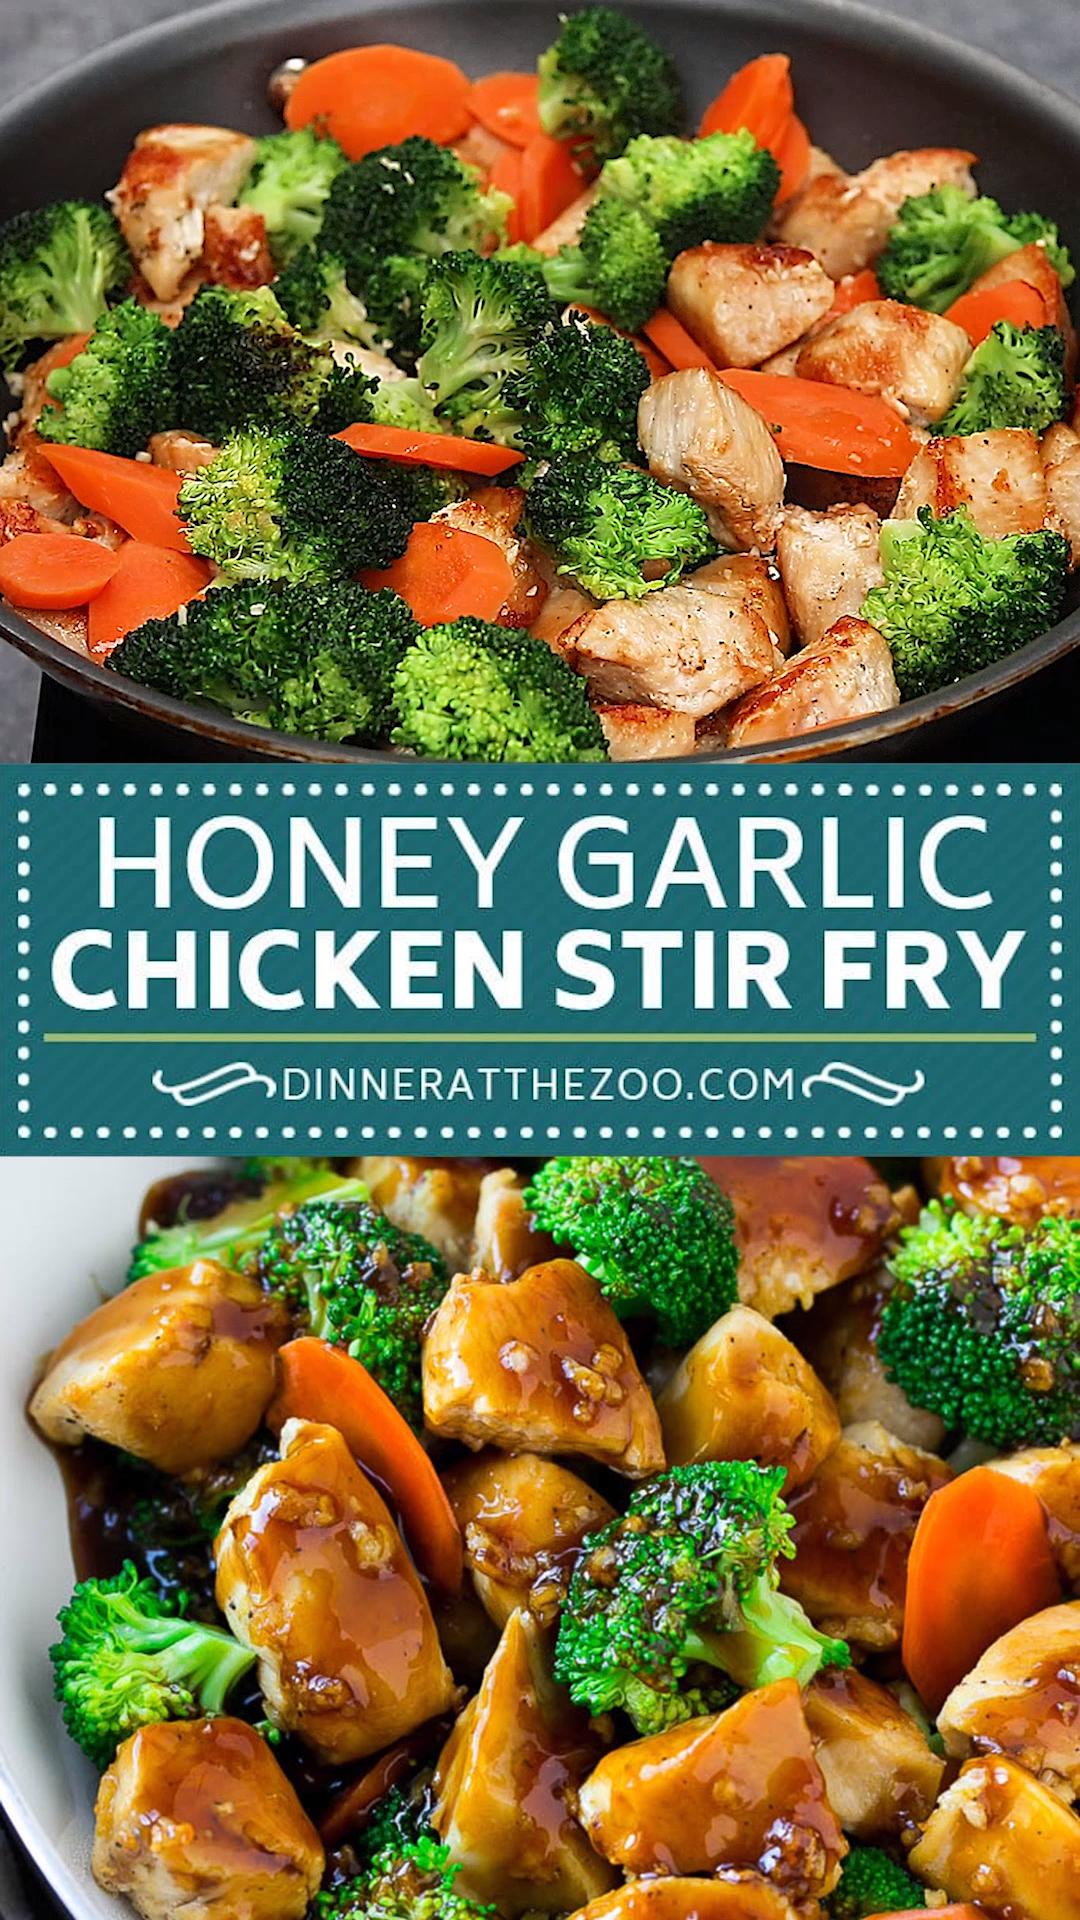 Photo of Chicken Stir Fry